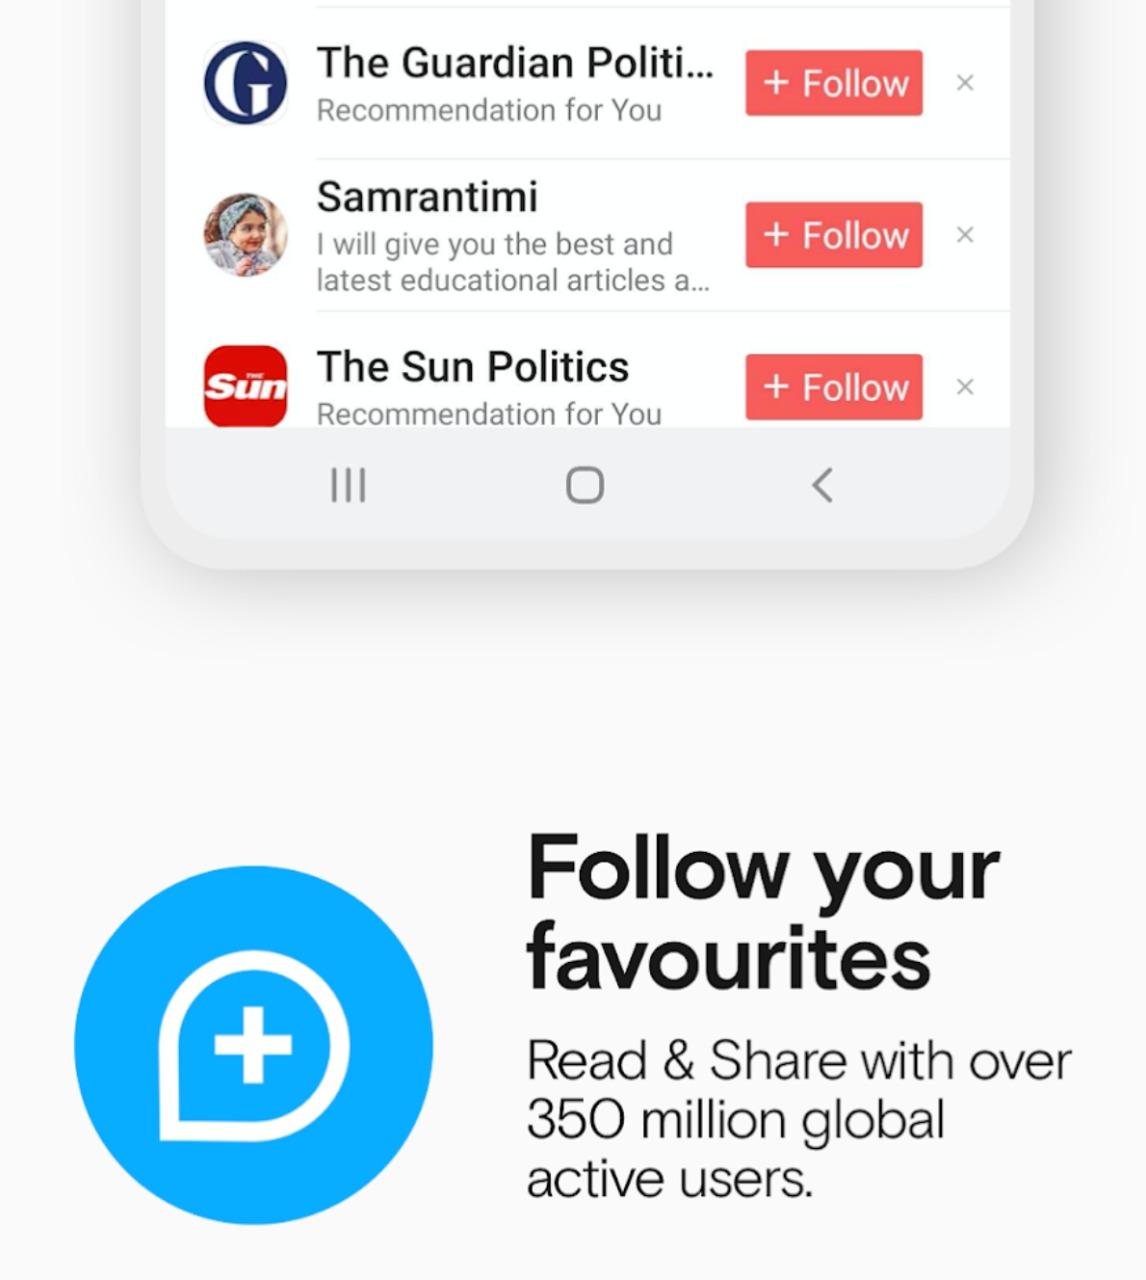 opera news app best app in kenya